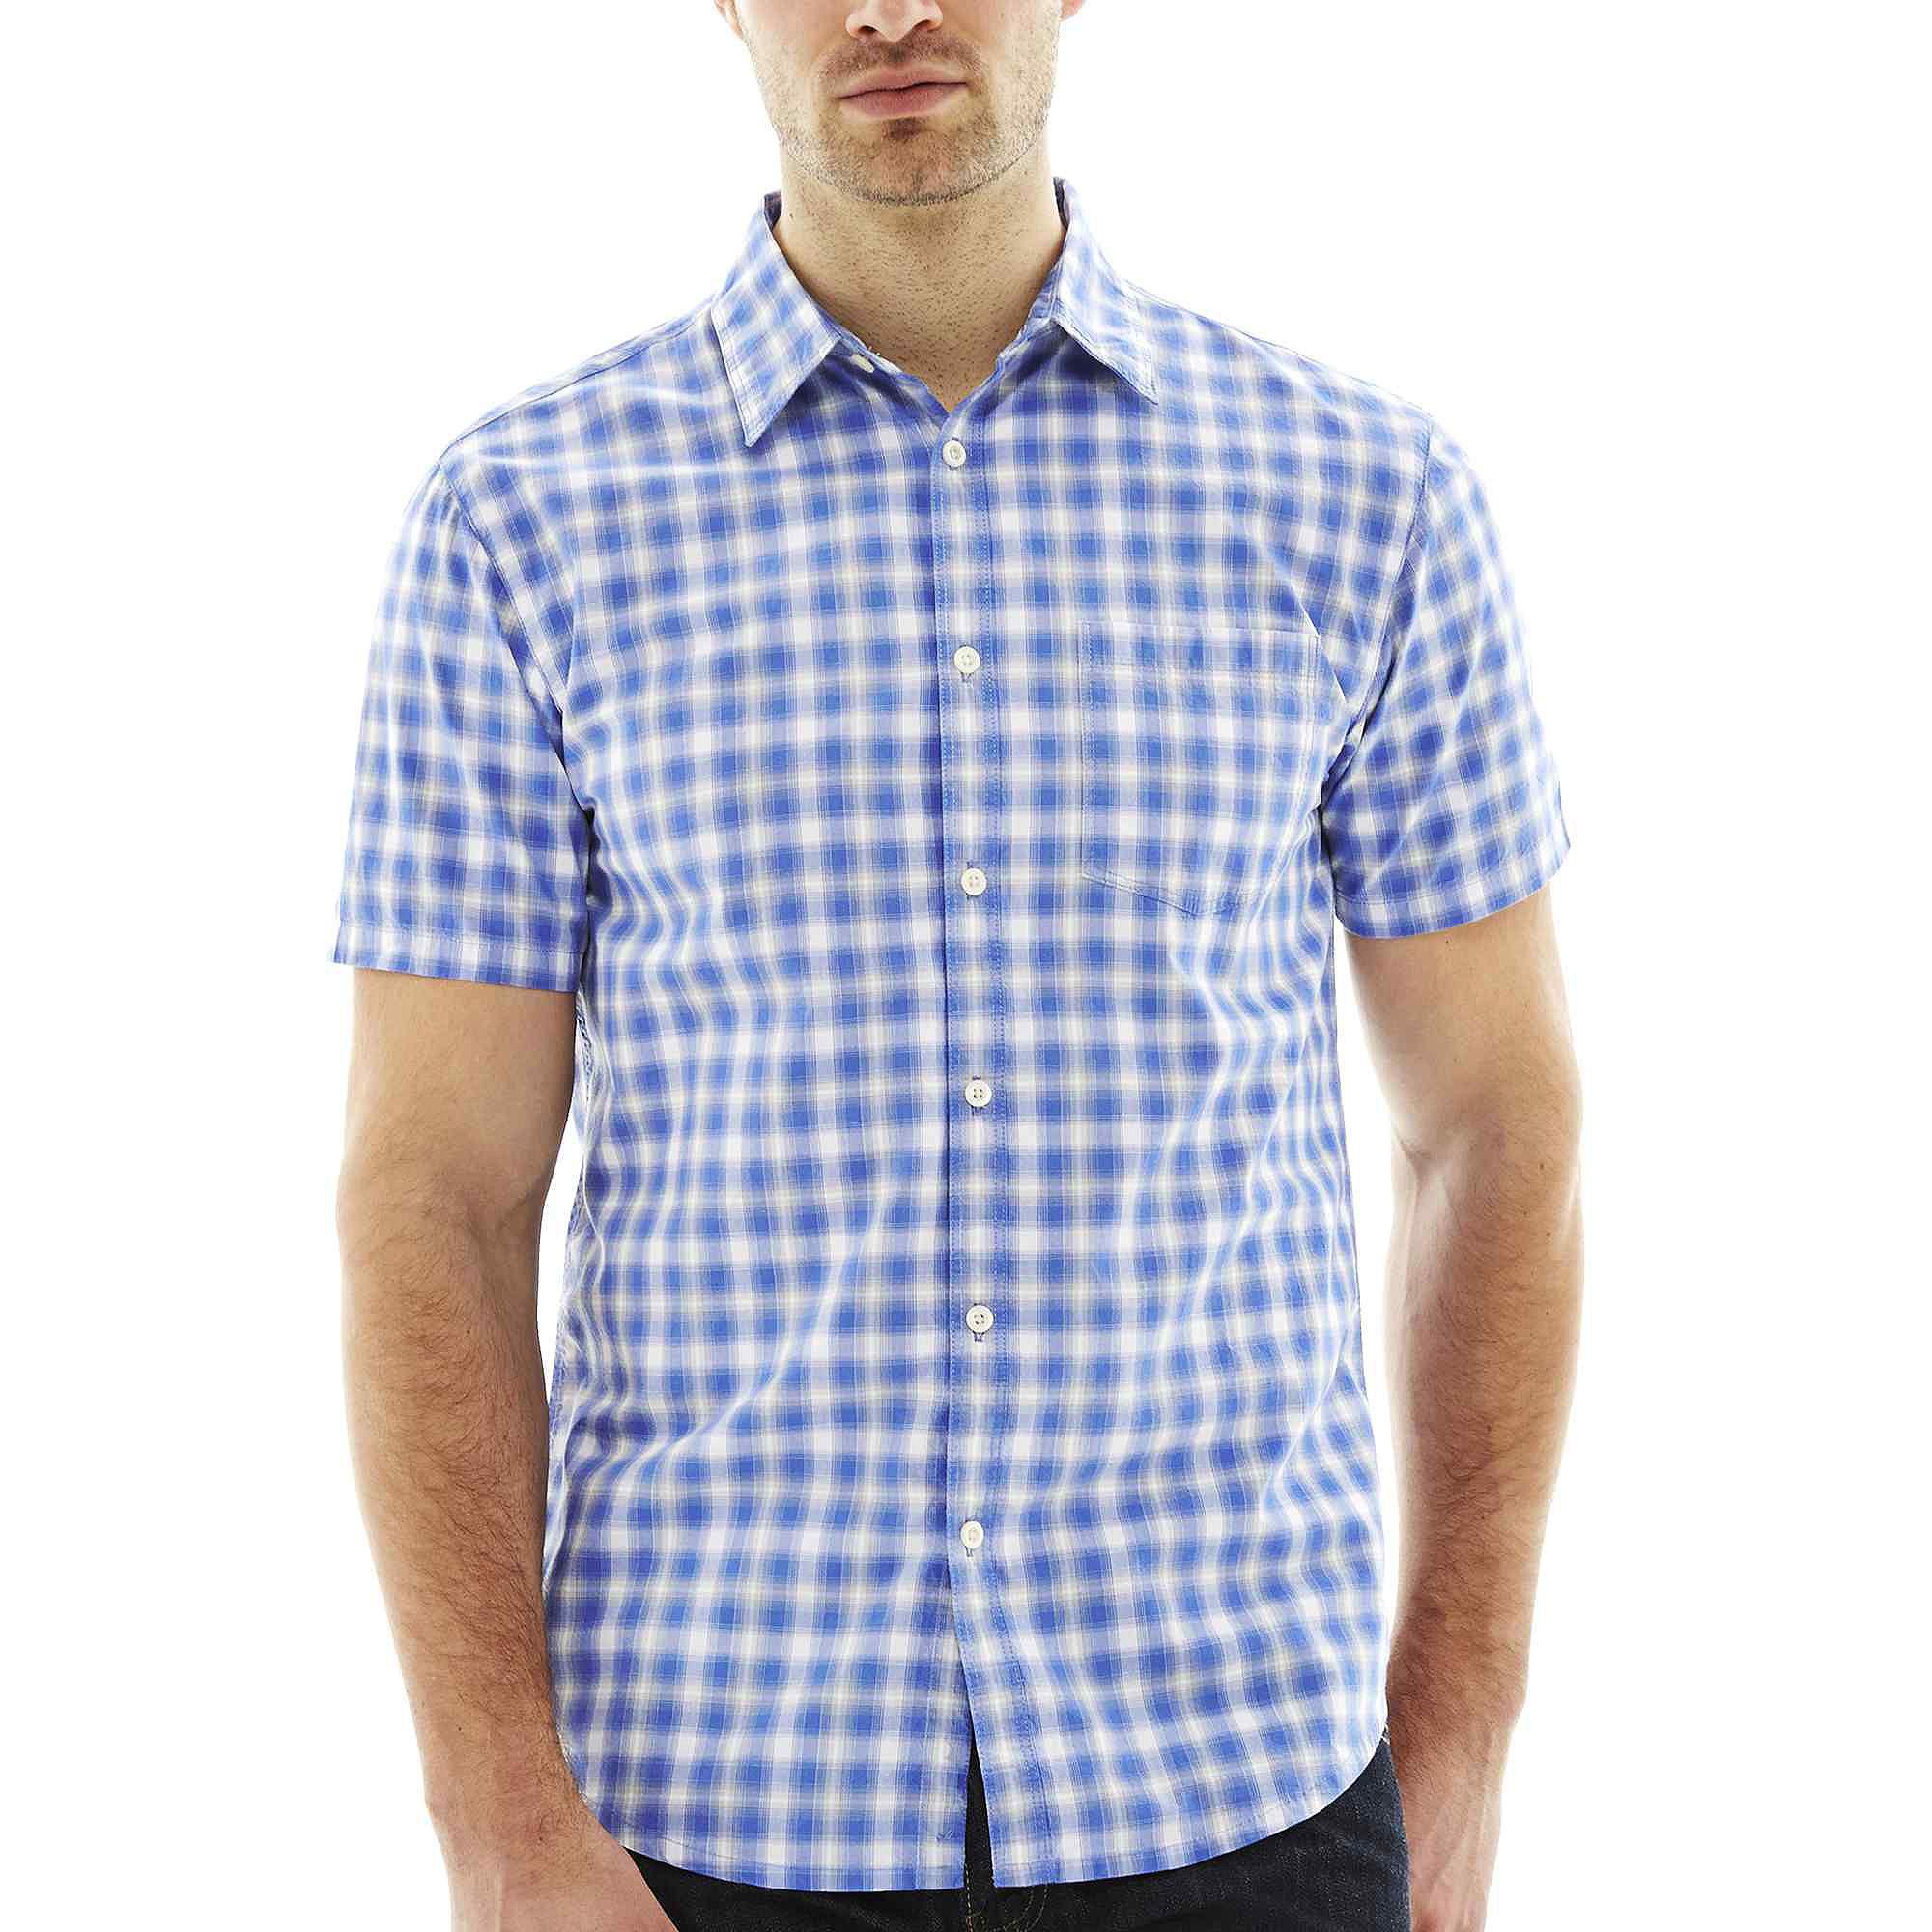 Upc 056945070257 jf j ferrar short sleeve woven shirt for J ferrar military shirt